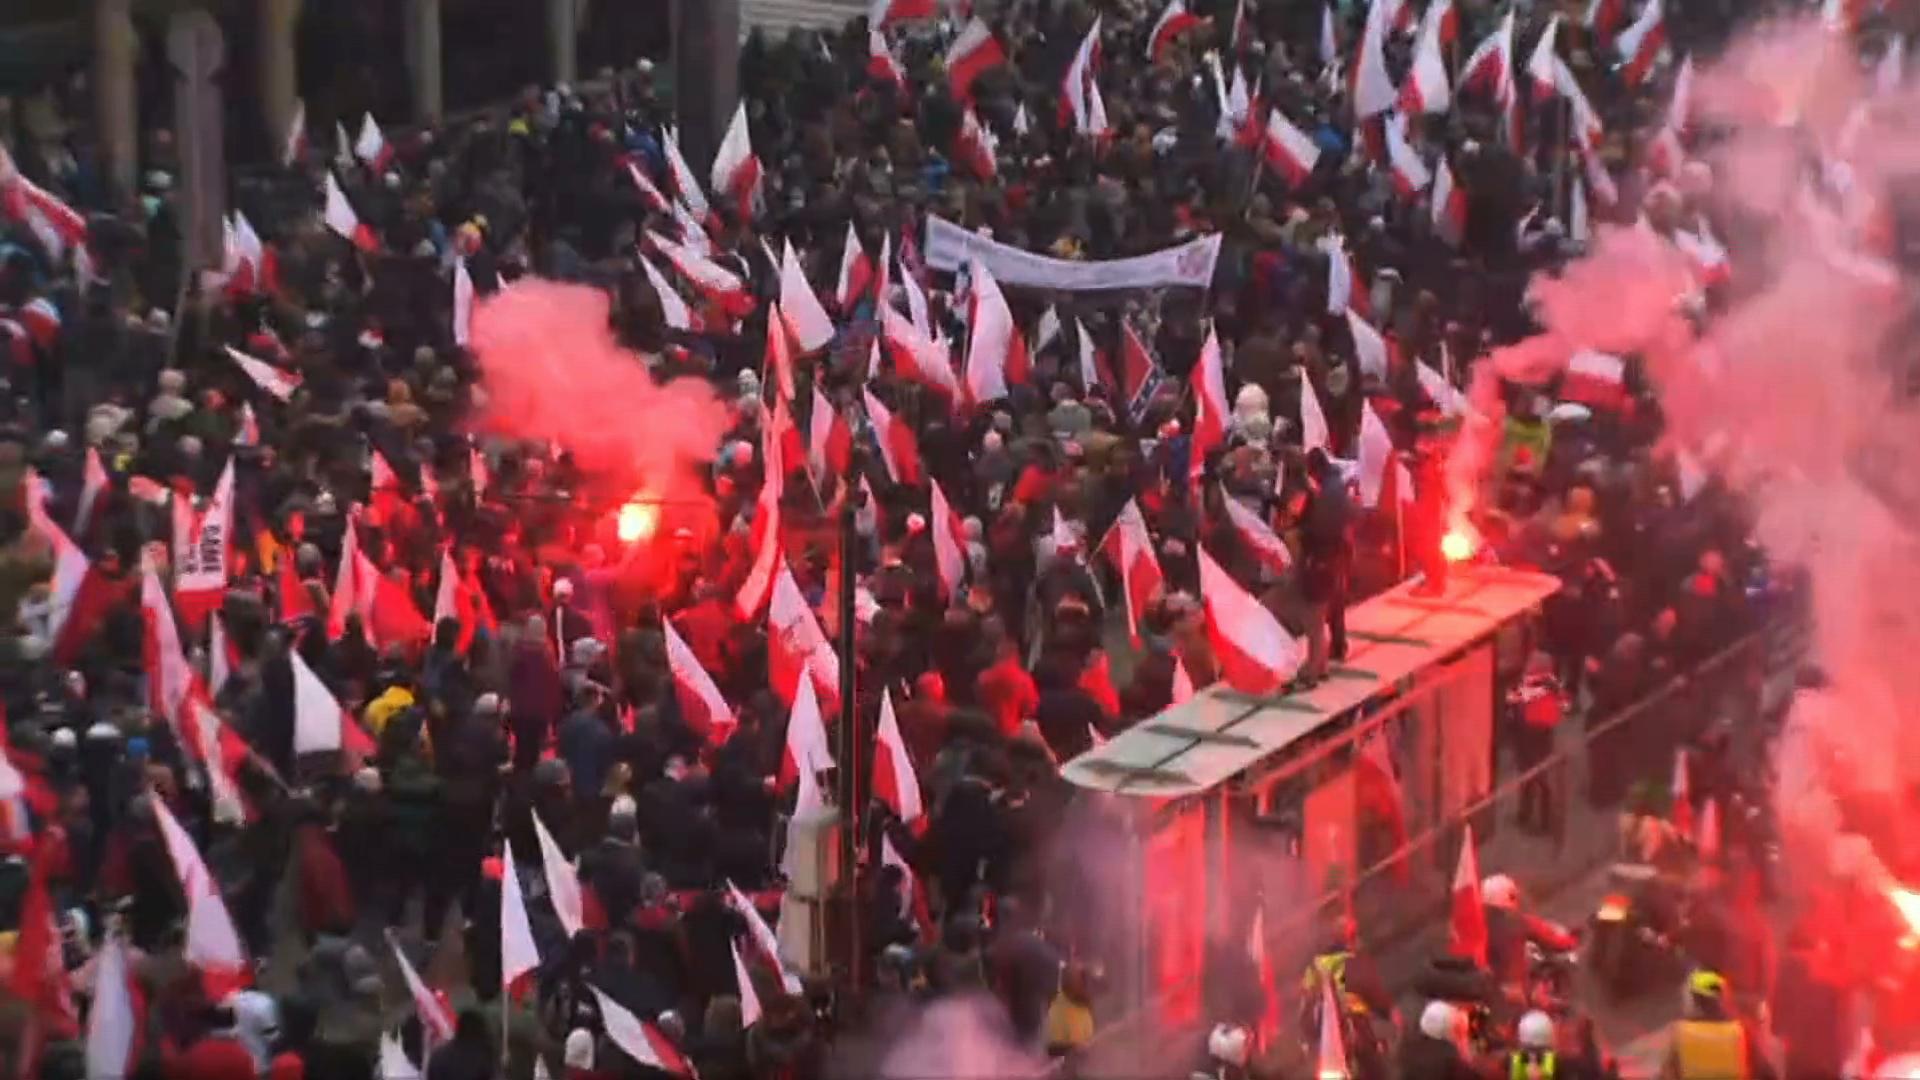 Zamieszki, podpalone mieszkanie, duże zniszczenia. Policja podsumowuje marsz narodowców